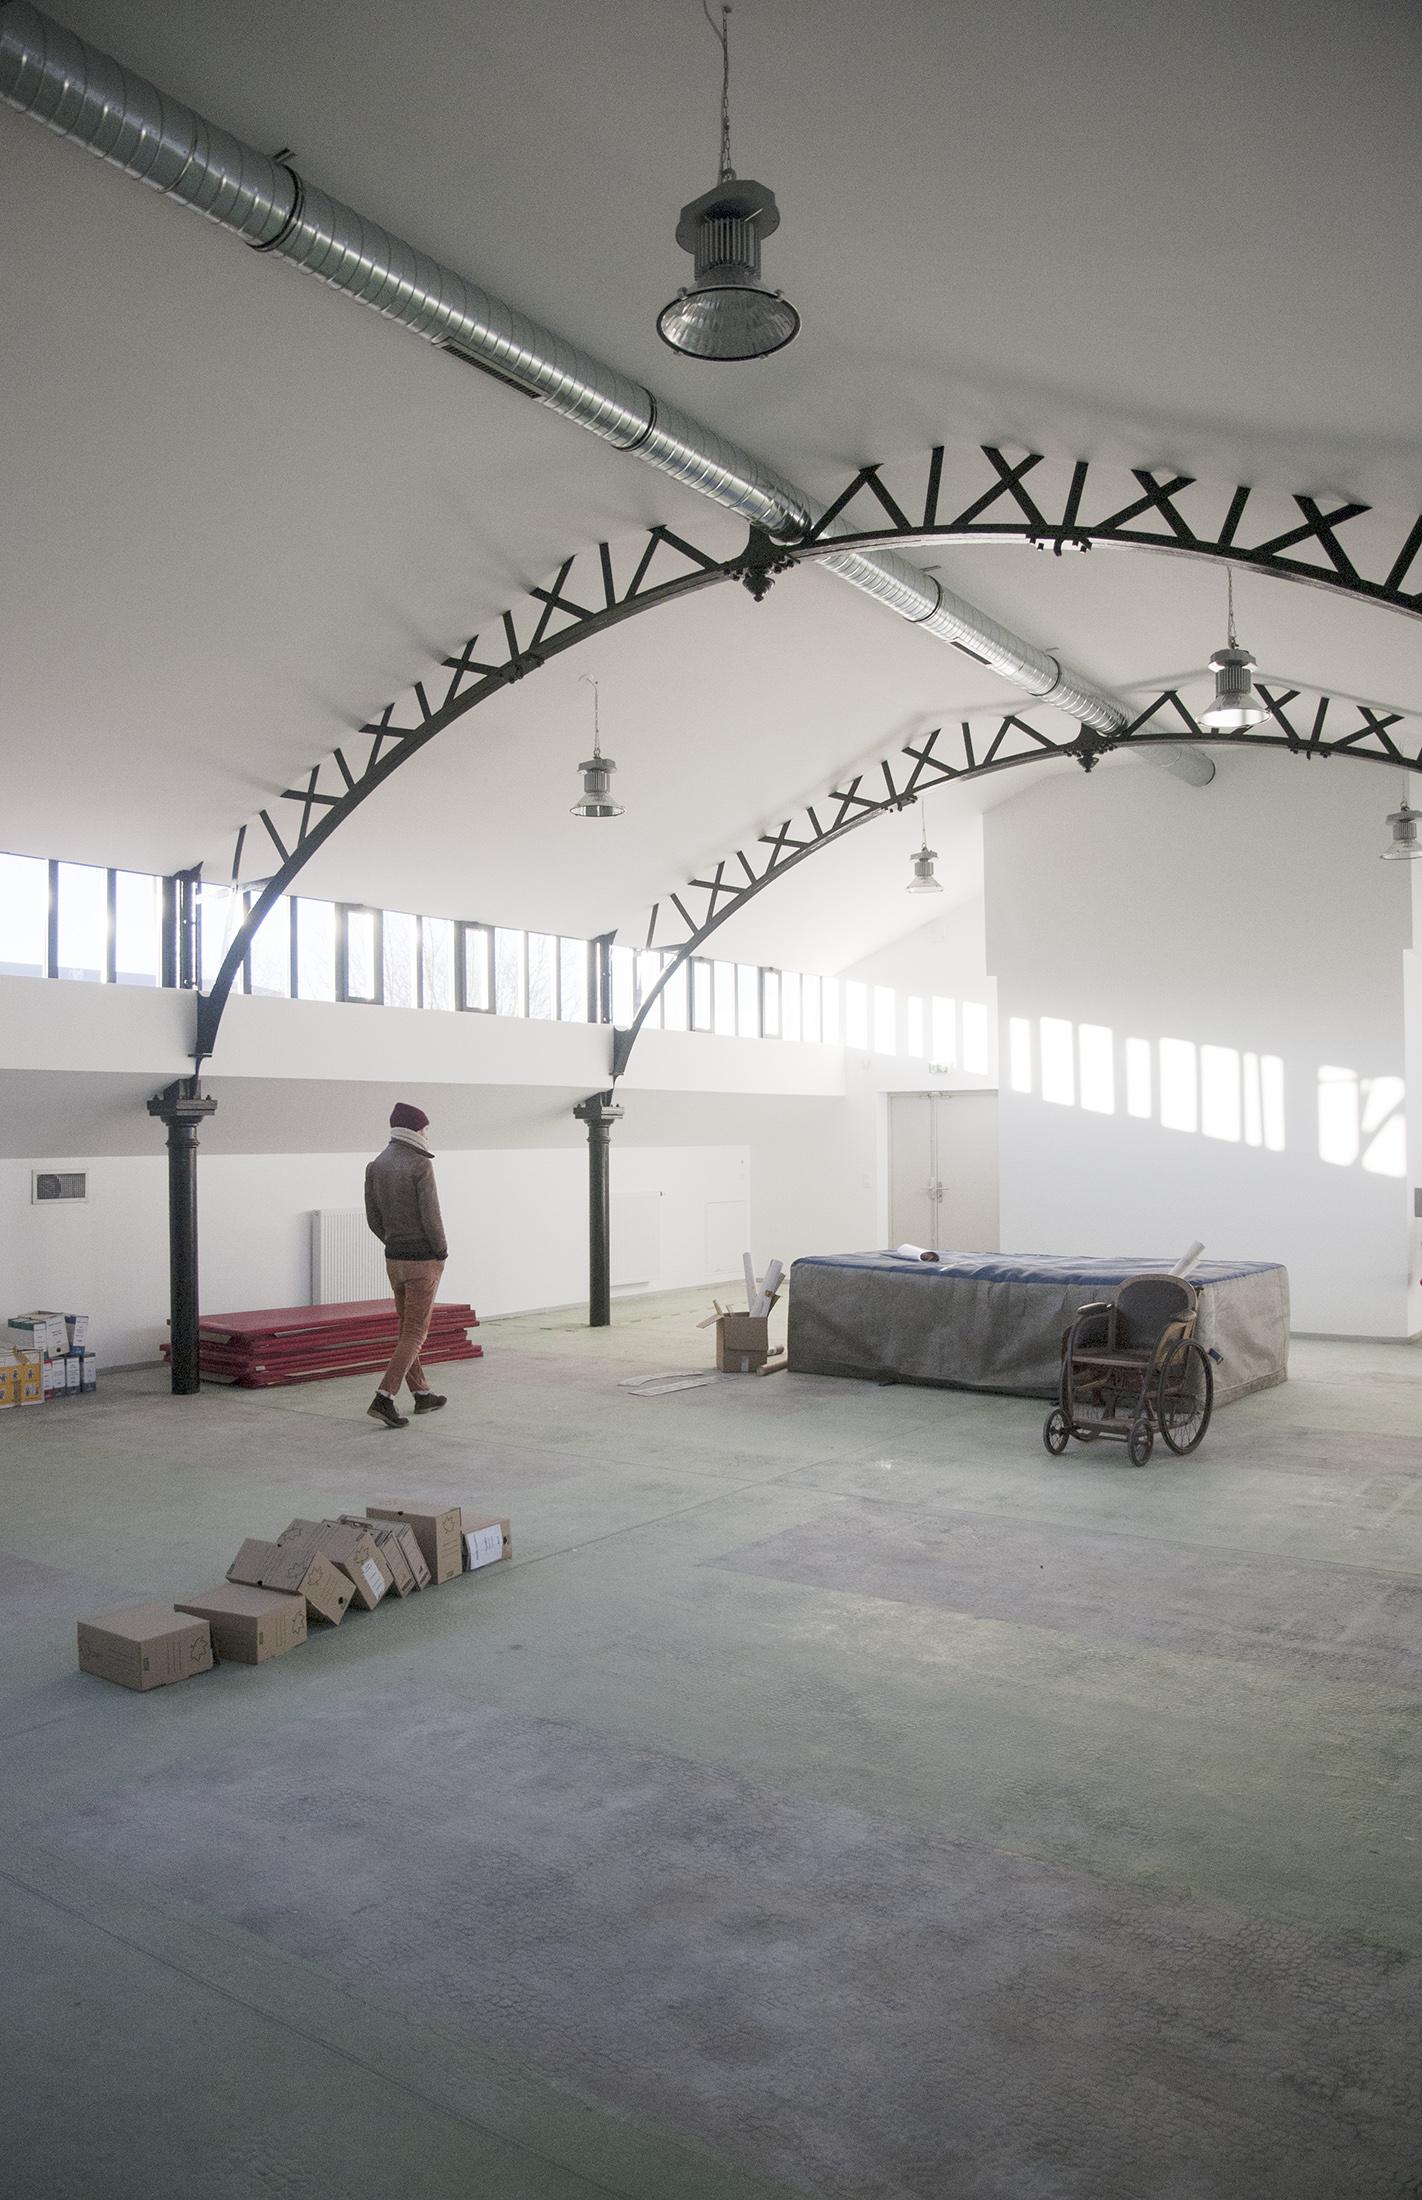 Chouette architecture - réhabilitation Halle 38 Dijon - 2200 21